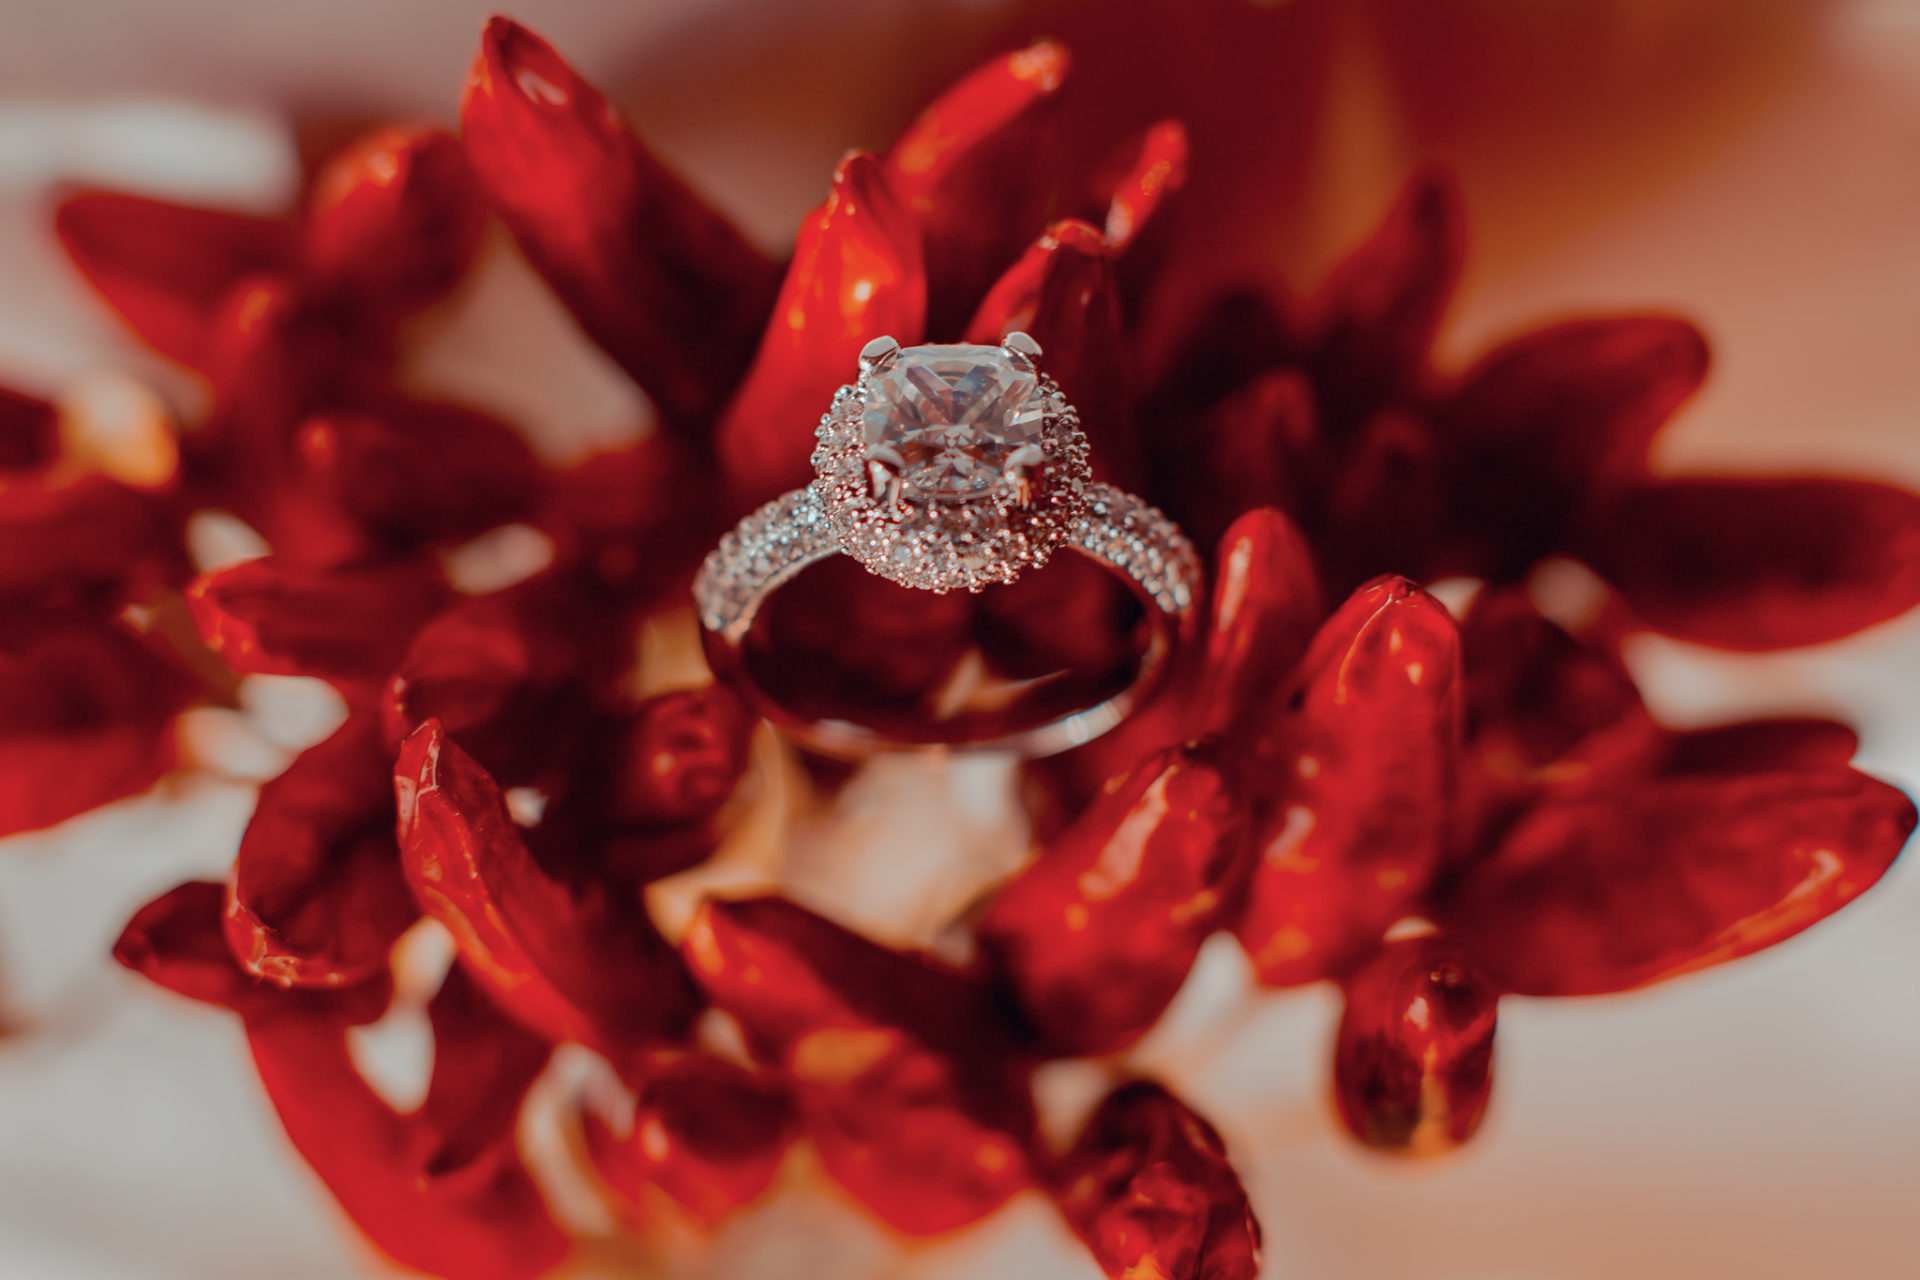 GLPSTUDIO fotografo - Un pizzico di peperoncino e la tua vita cambia per sempre.